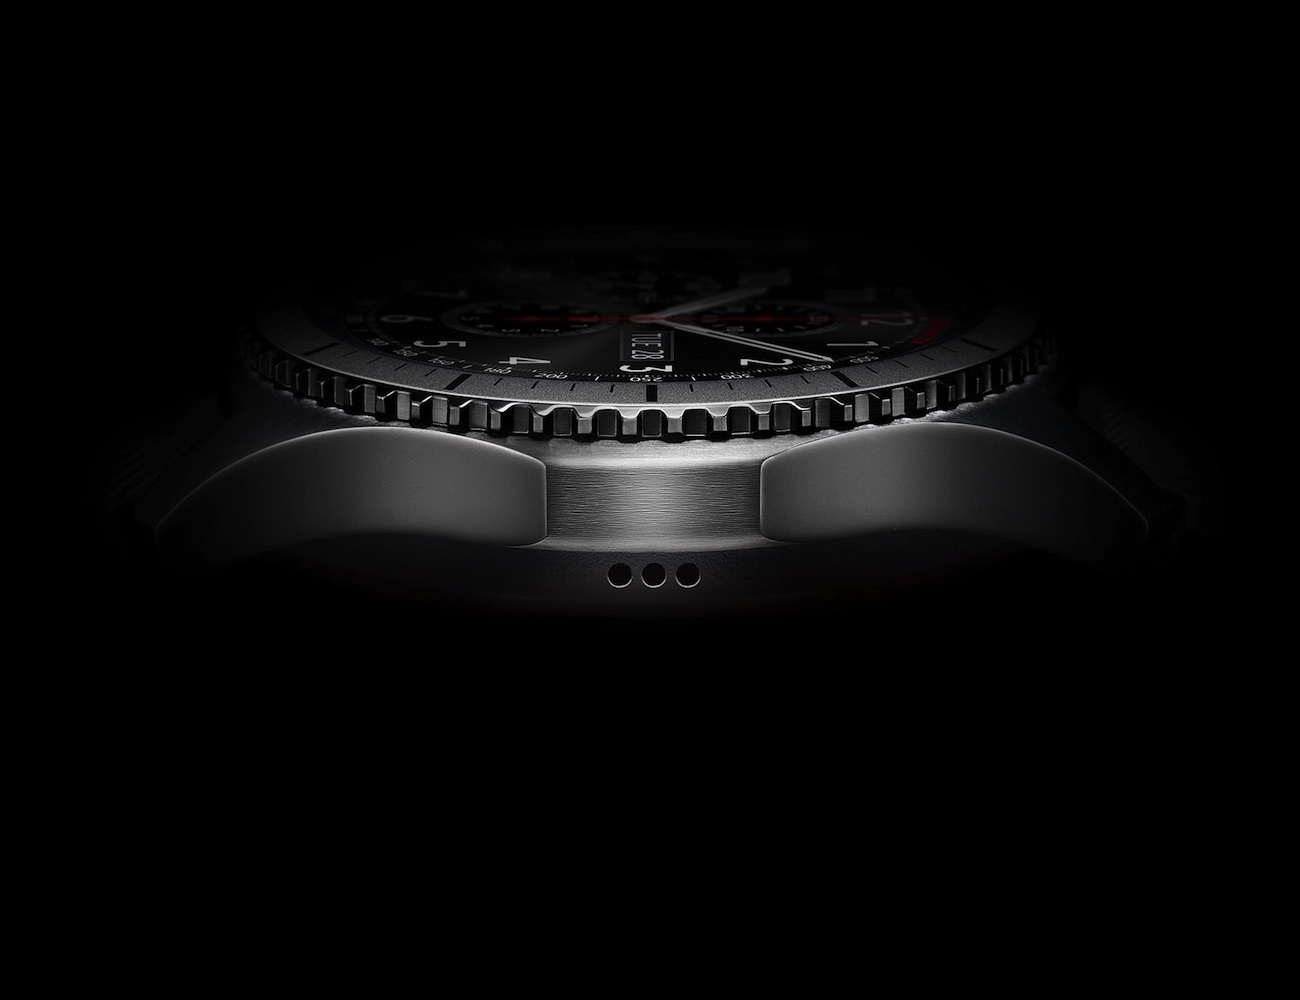 Samsung Gear S3 Smartwatches